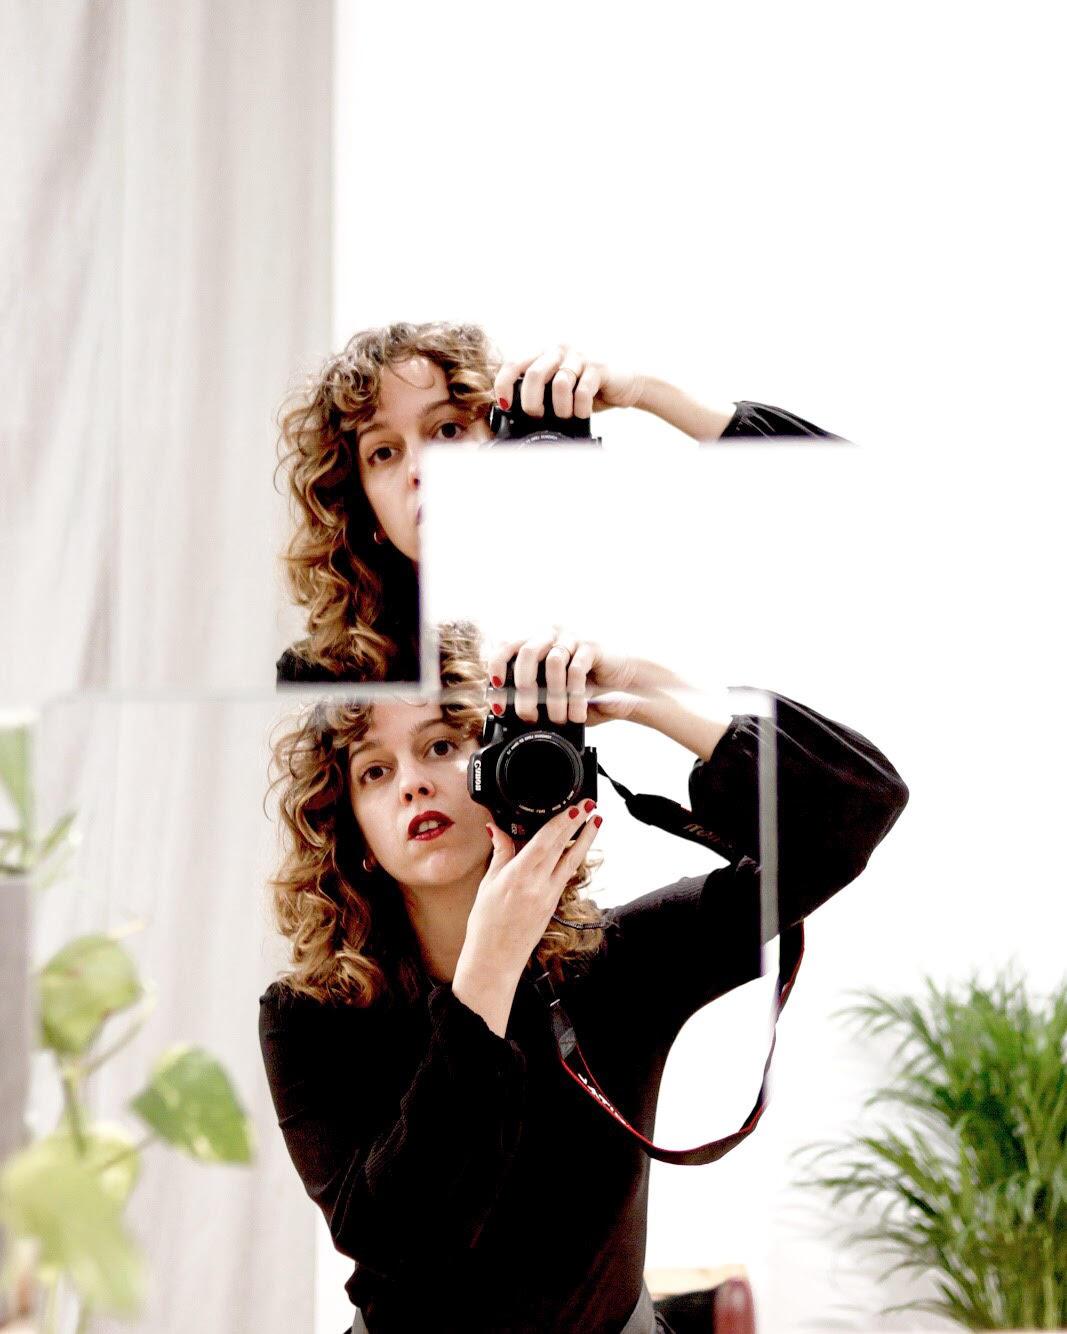 @inesgarp - Inés tiene 38 años, es madrileña y fotógrafa. La admiramos por todo lo que transmite como fotógrafa y como persona. Es una tía de armas tomar.